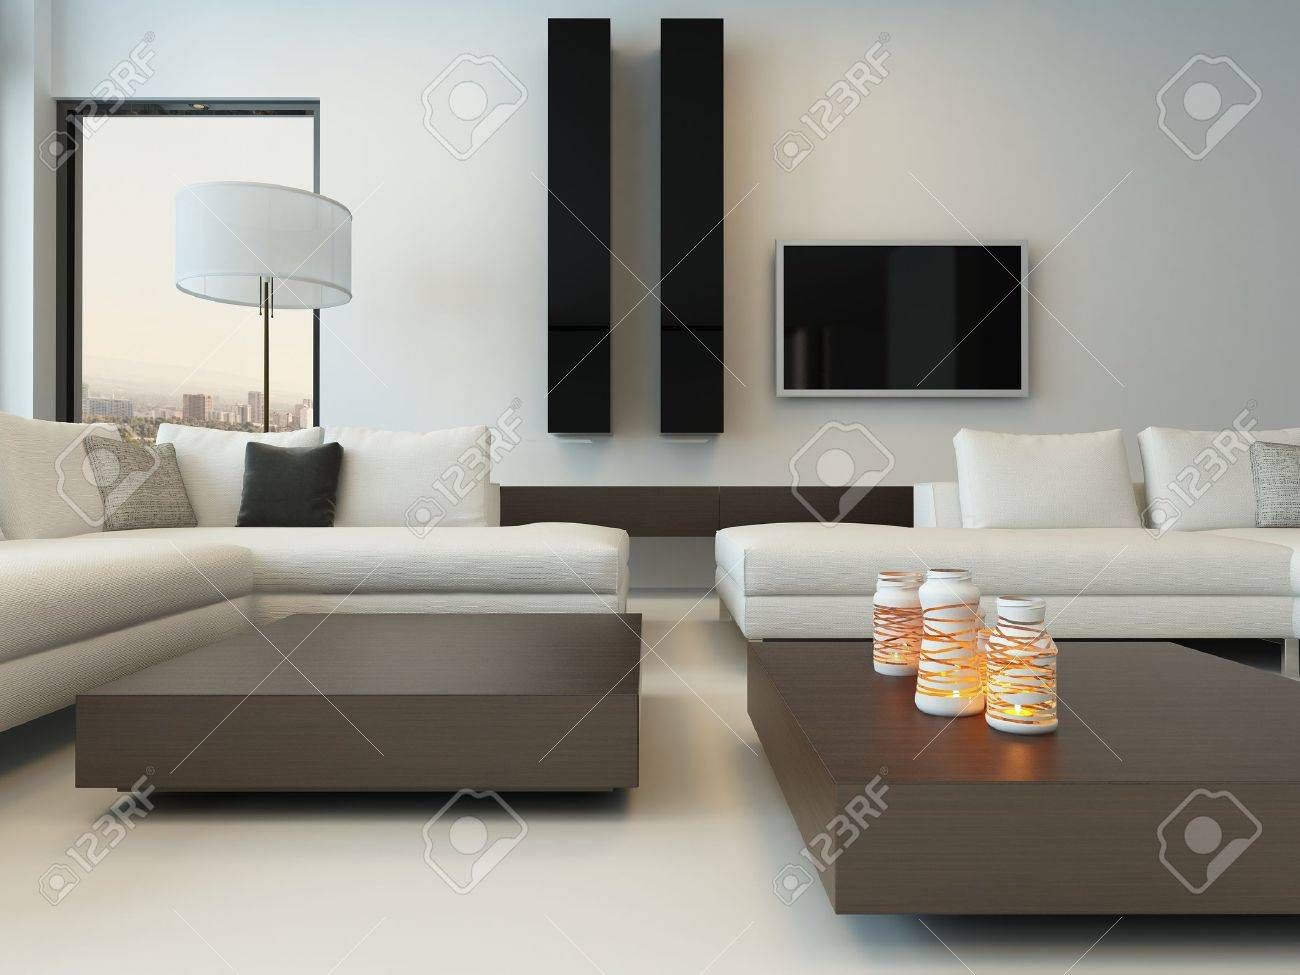 design moderno luminoso soggiorno sala interna con divano bianco ... - Soggiorno Luminoso